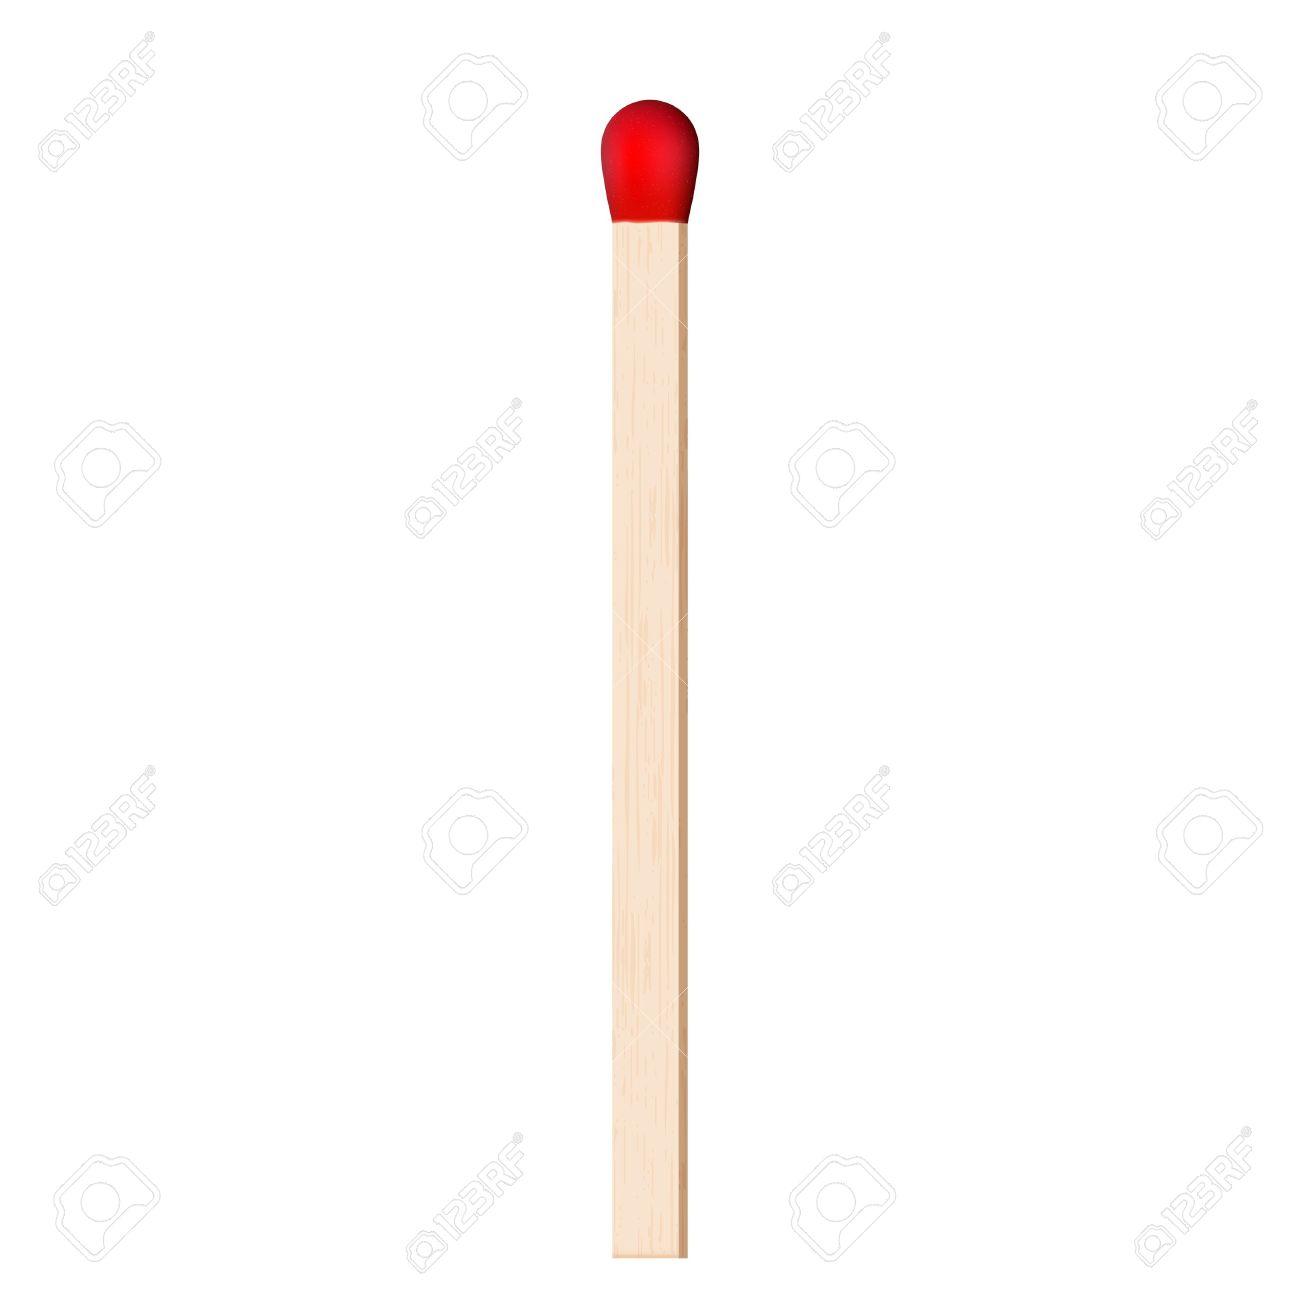 Matchstick clipart.